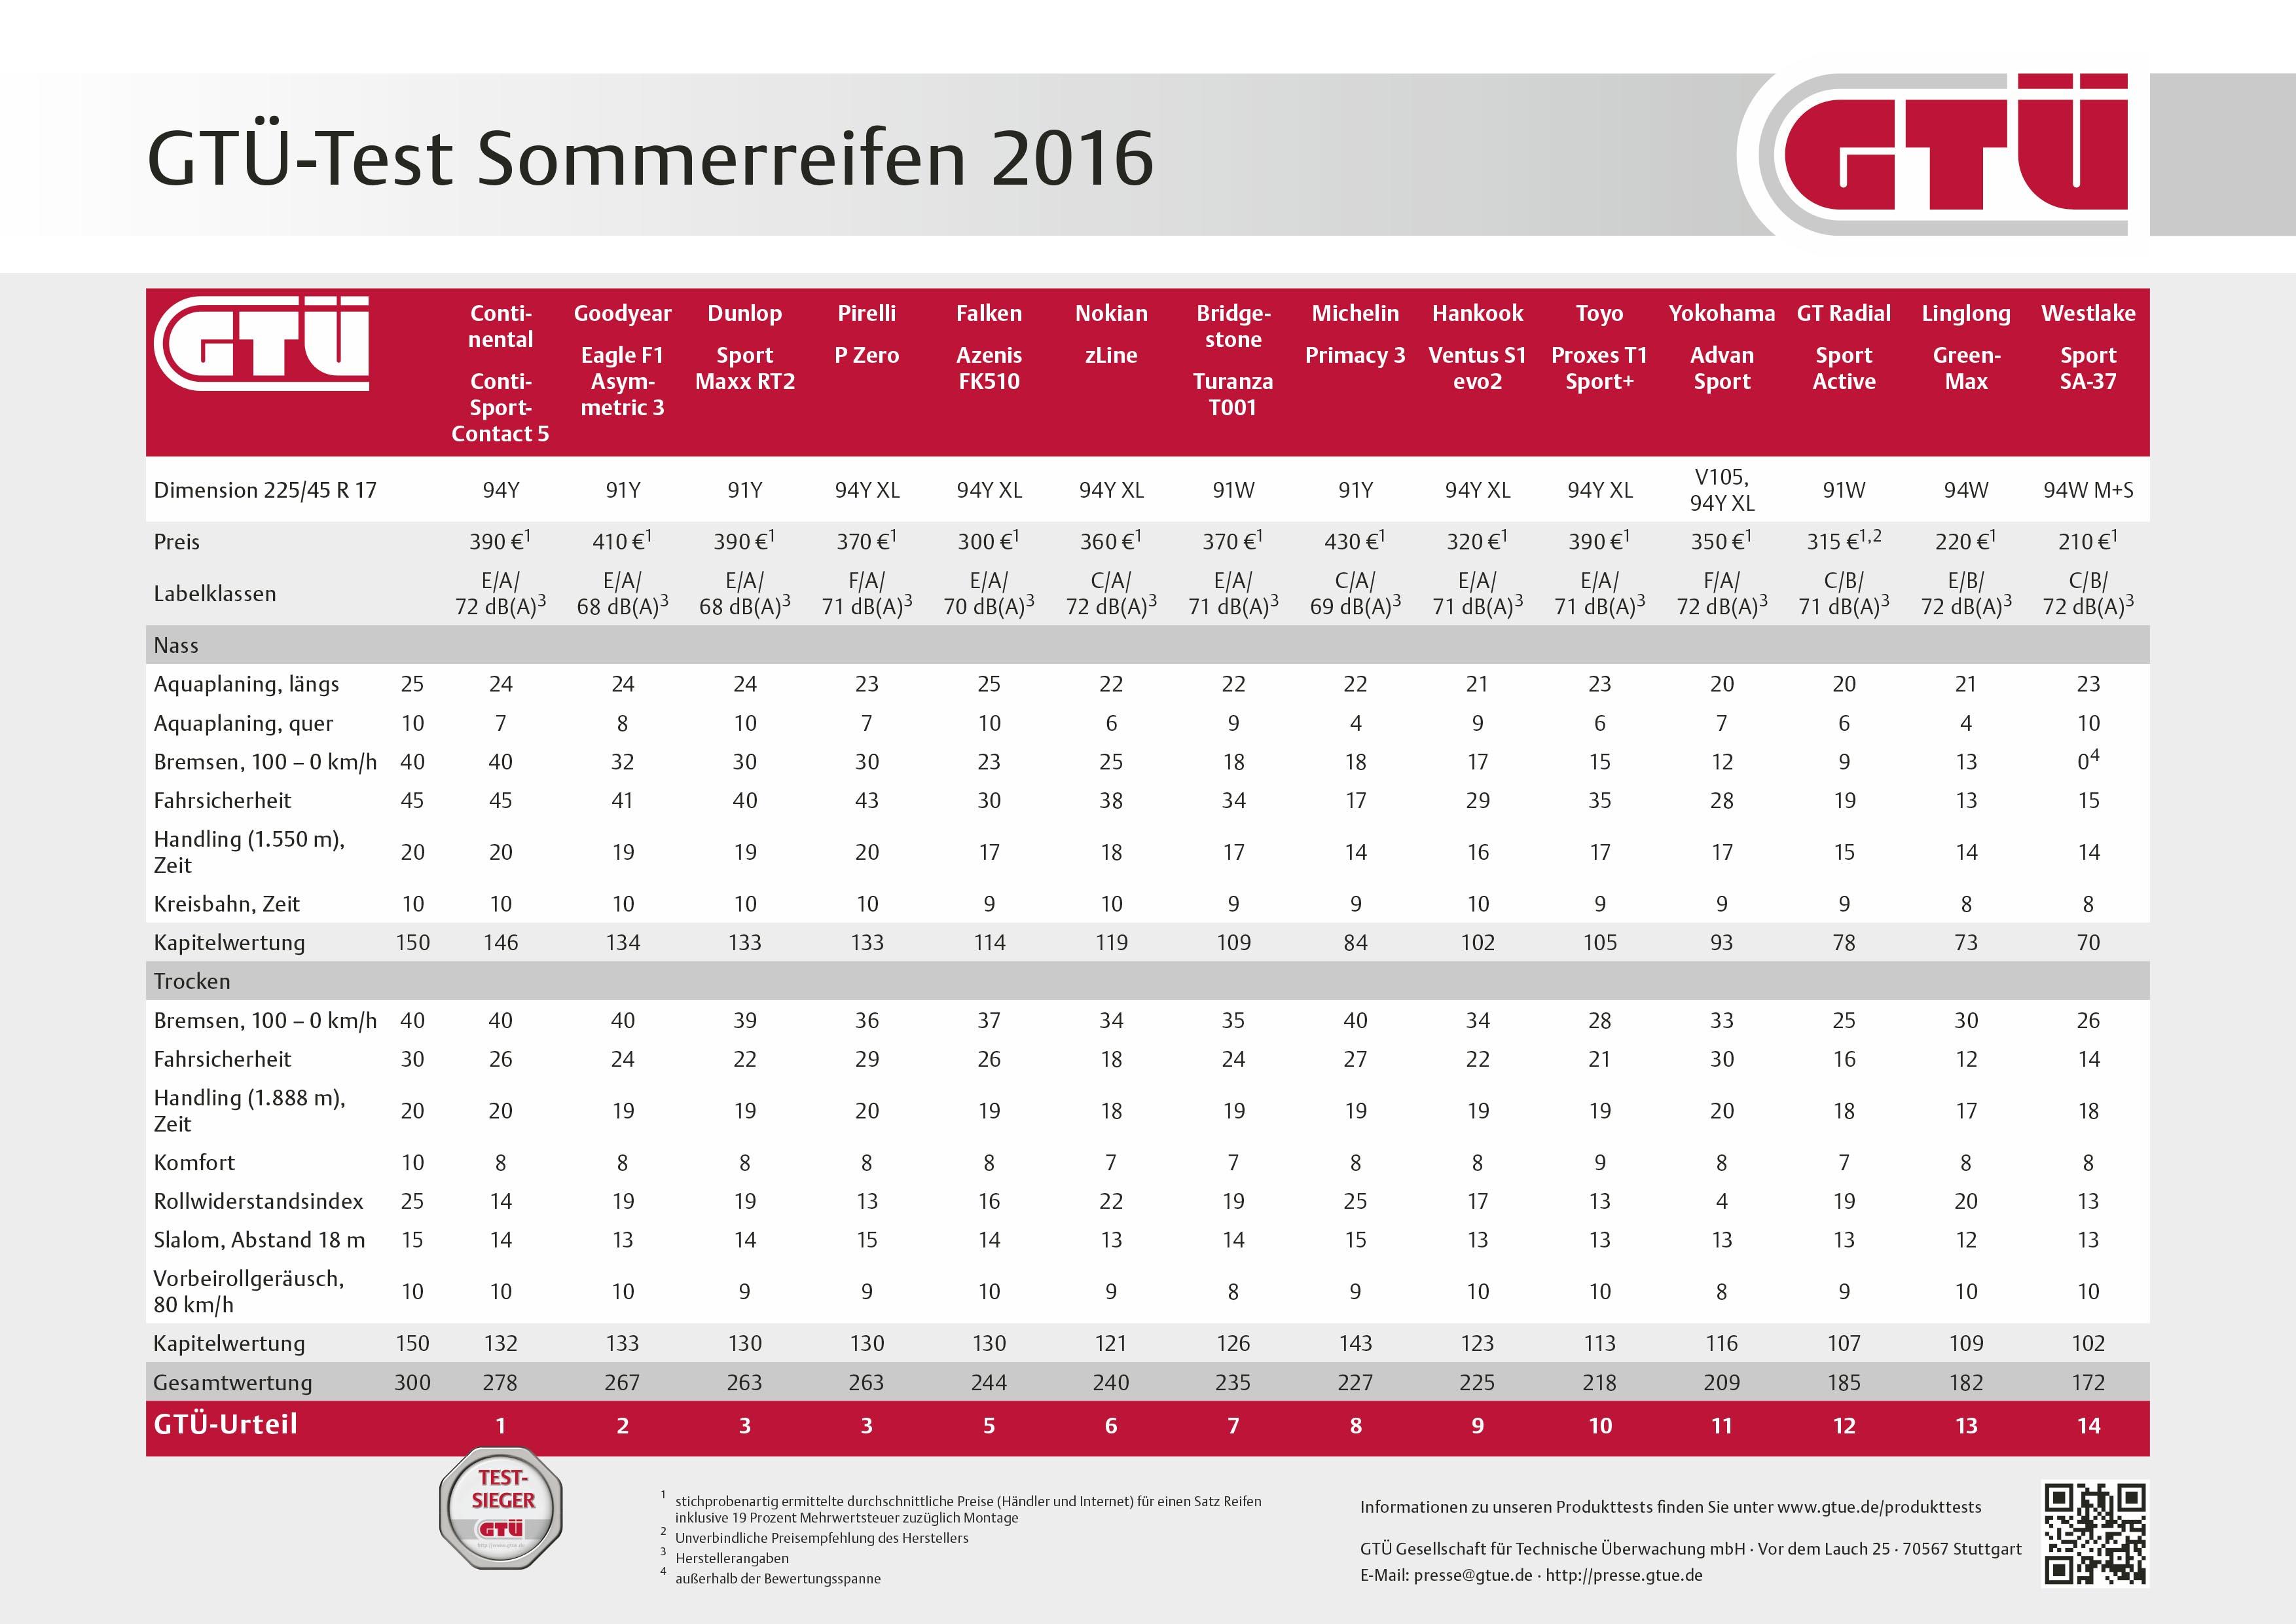 Gt sommerreifentest 2016 hohe fahrsicherheit bei markenreifen hohes risiko bei - Amtliche afa tabelle 2016 ...